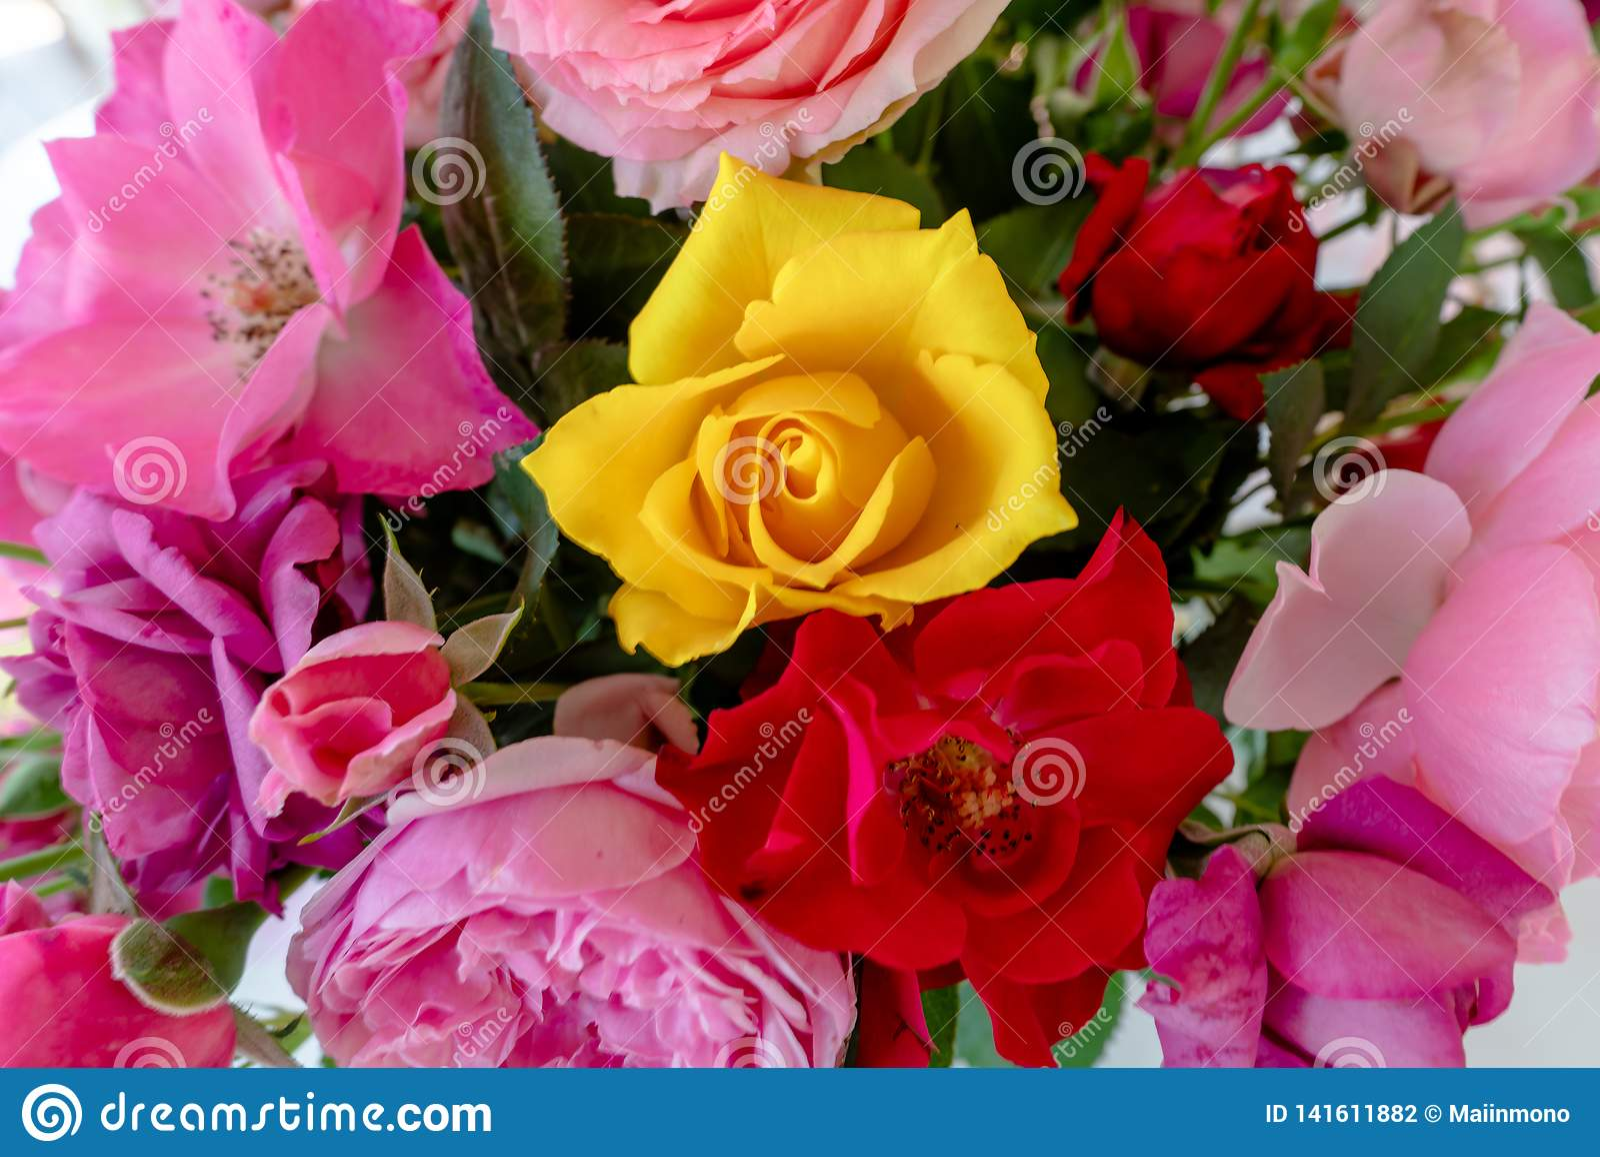 Boeket van kleurrijke gele, roze en rode rozen in een vaas